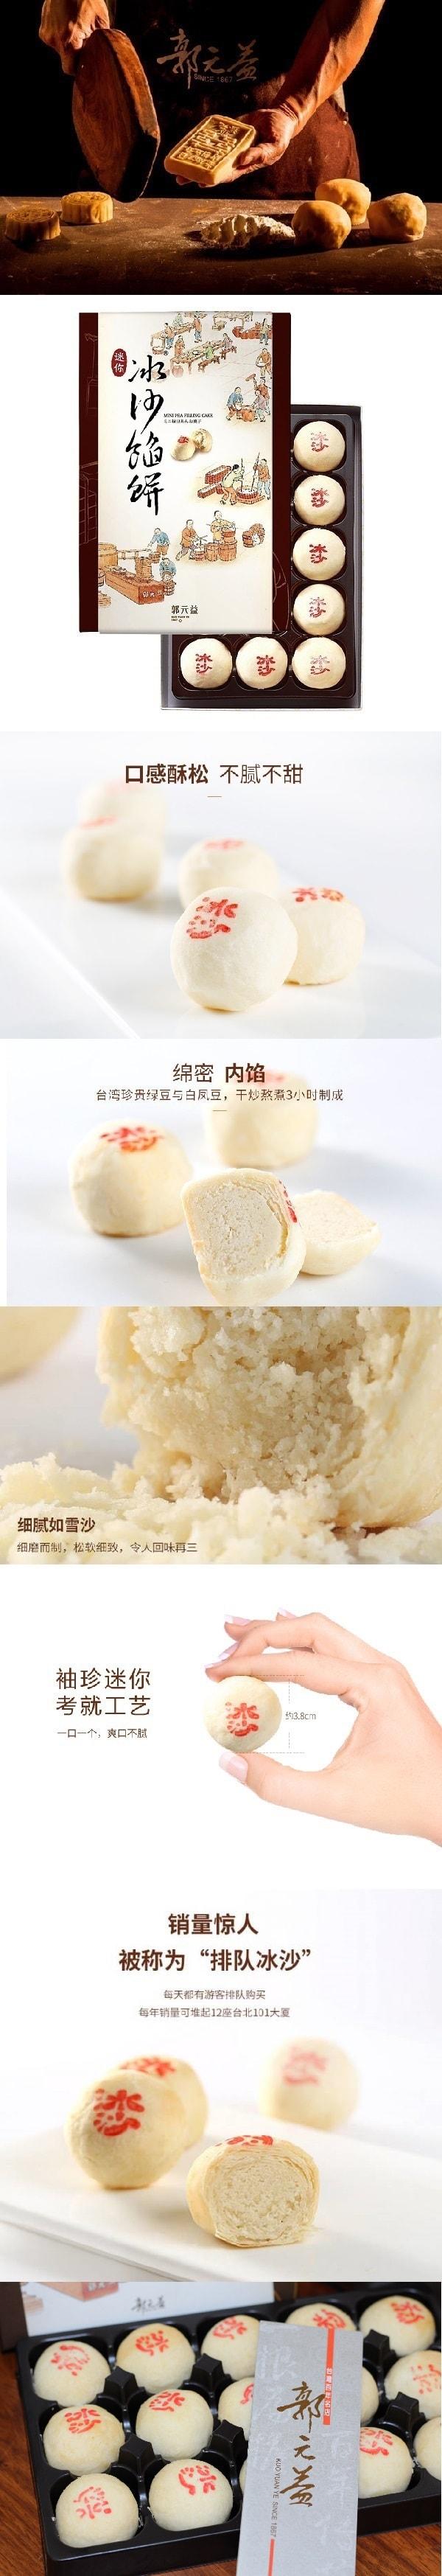 [台湾直邮]郭元益 迷你冰沙馅饼 300g 15入